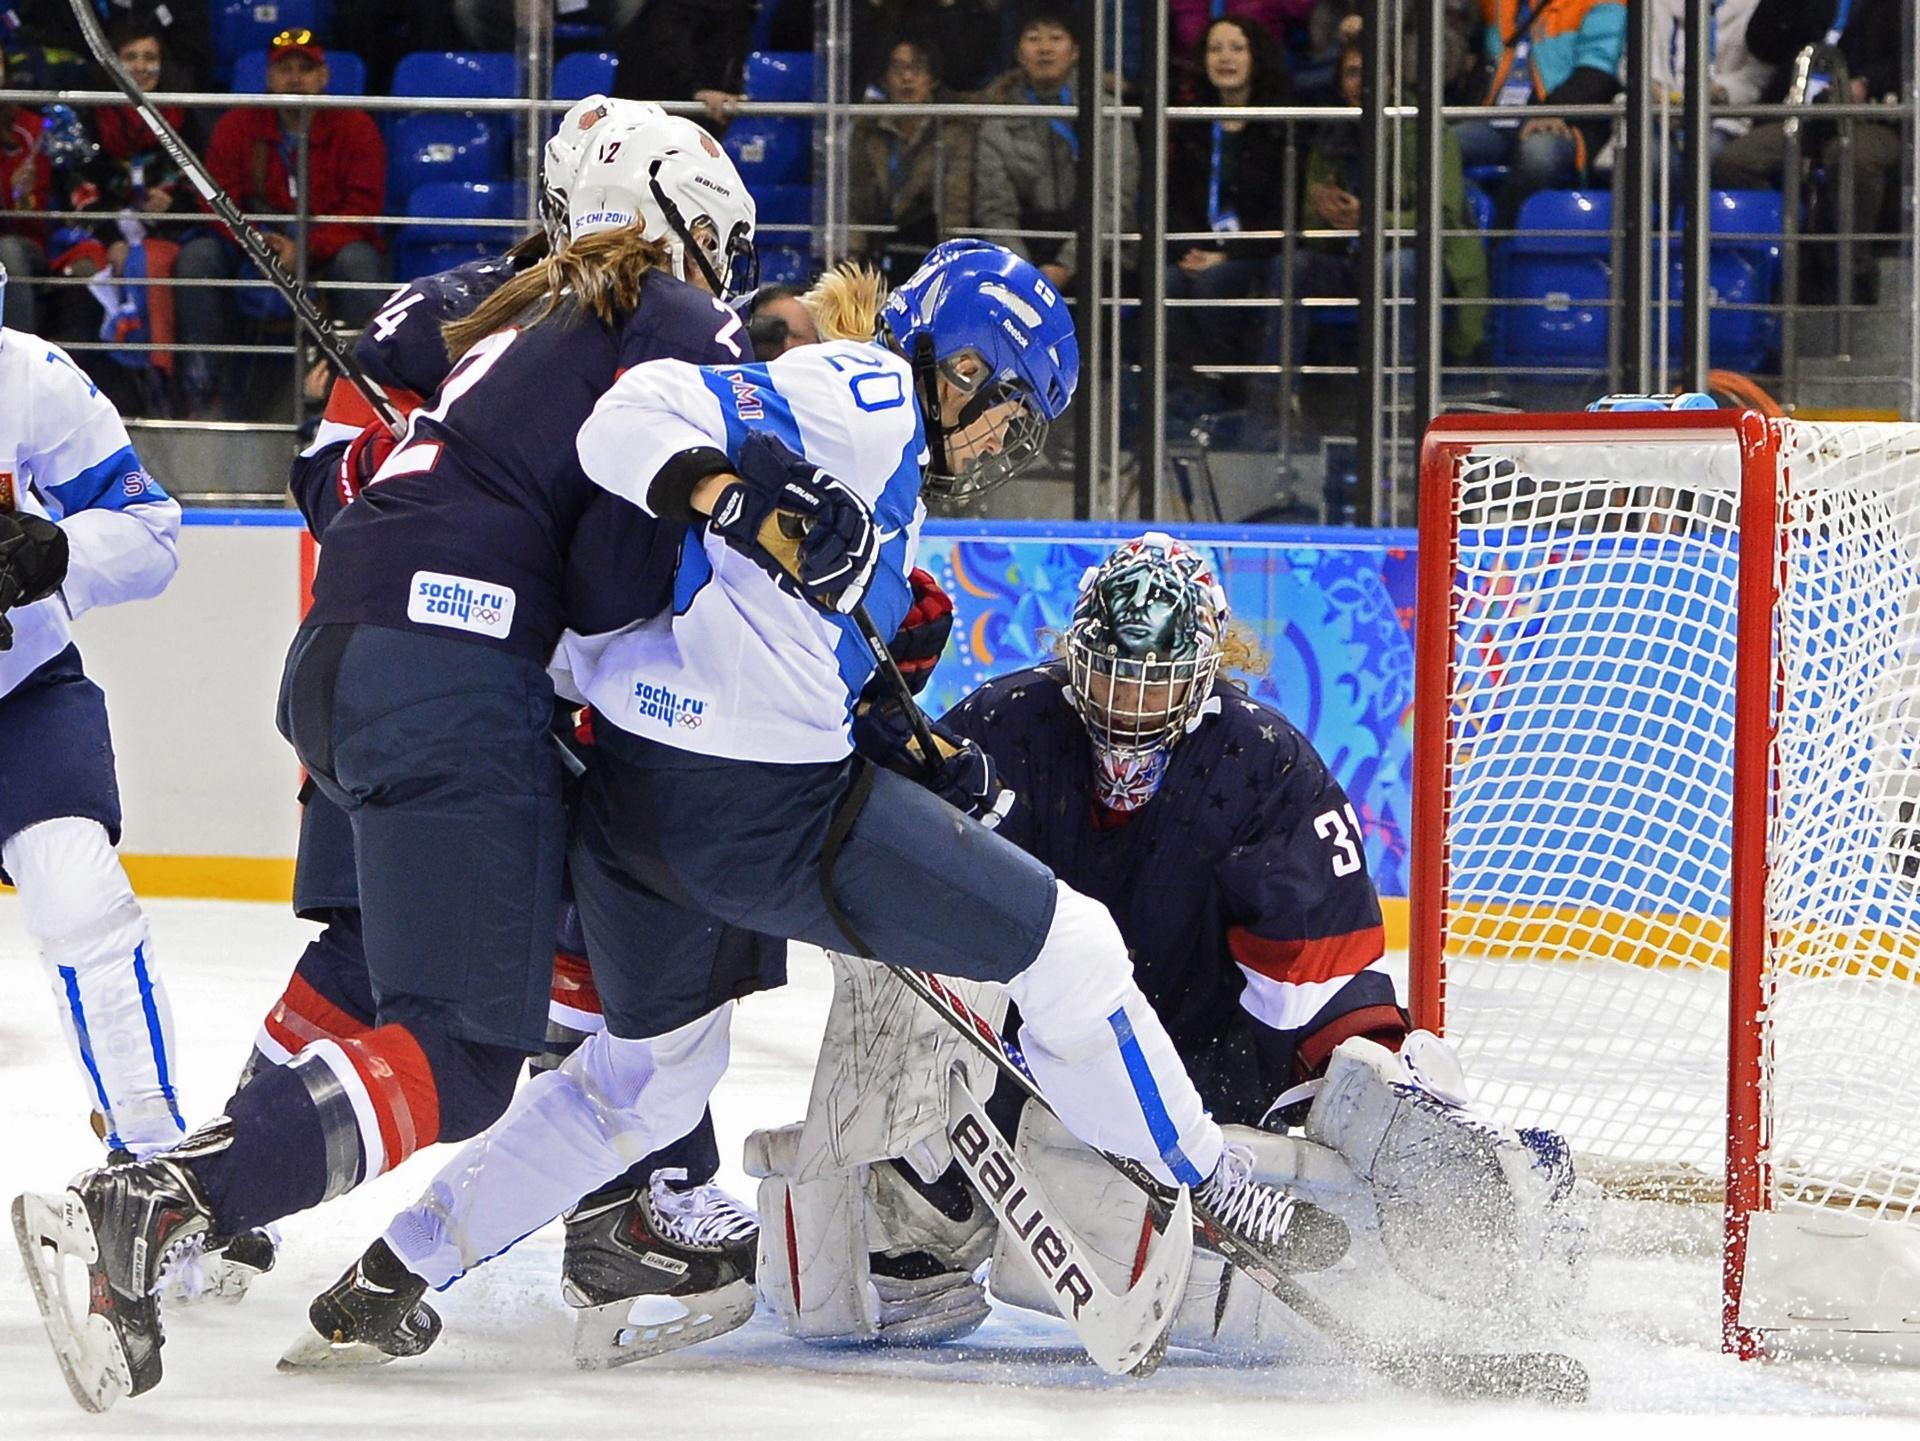 08.02.2014 - Finlandesa Saija Tarkki (branco) é empurrada por rivais americanas tentando evitar gol